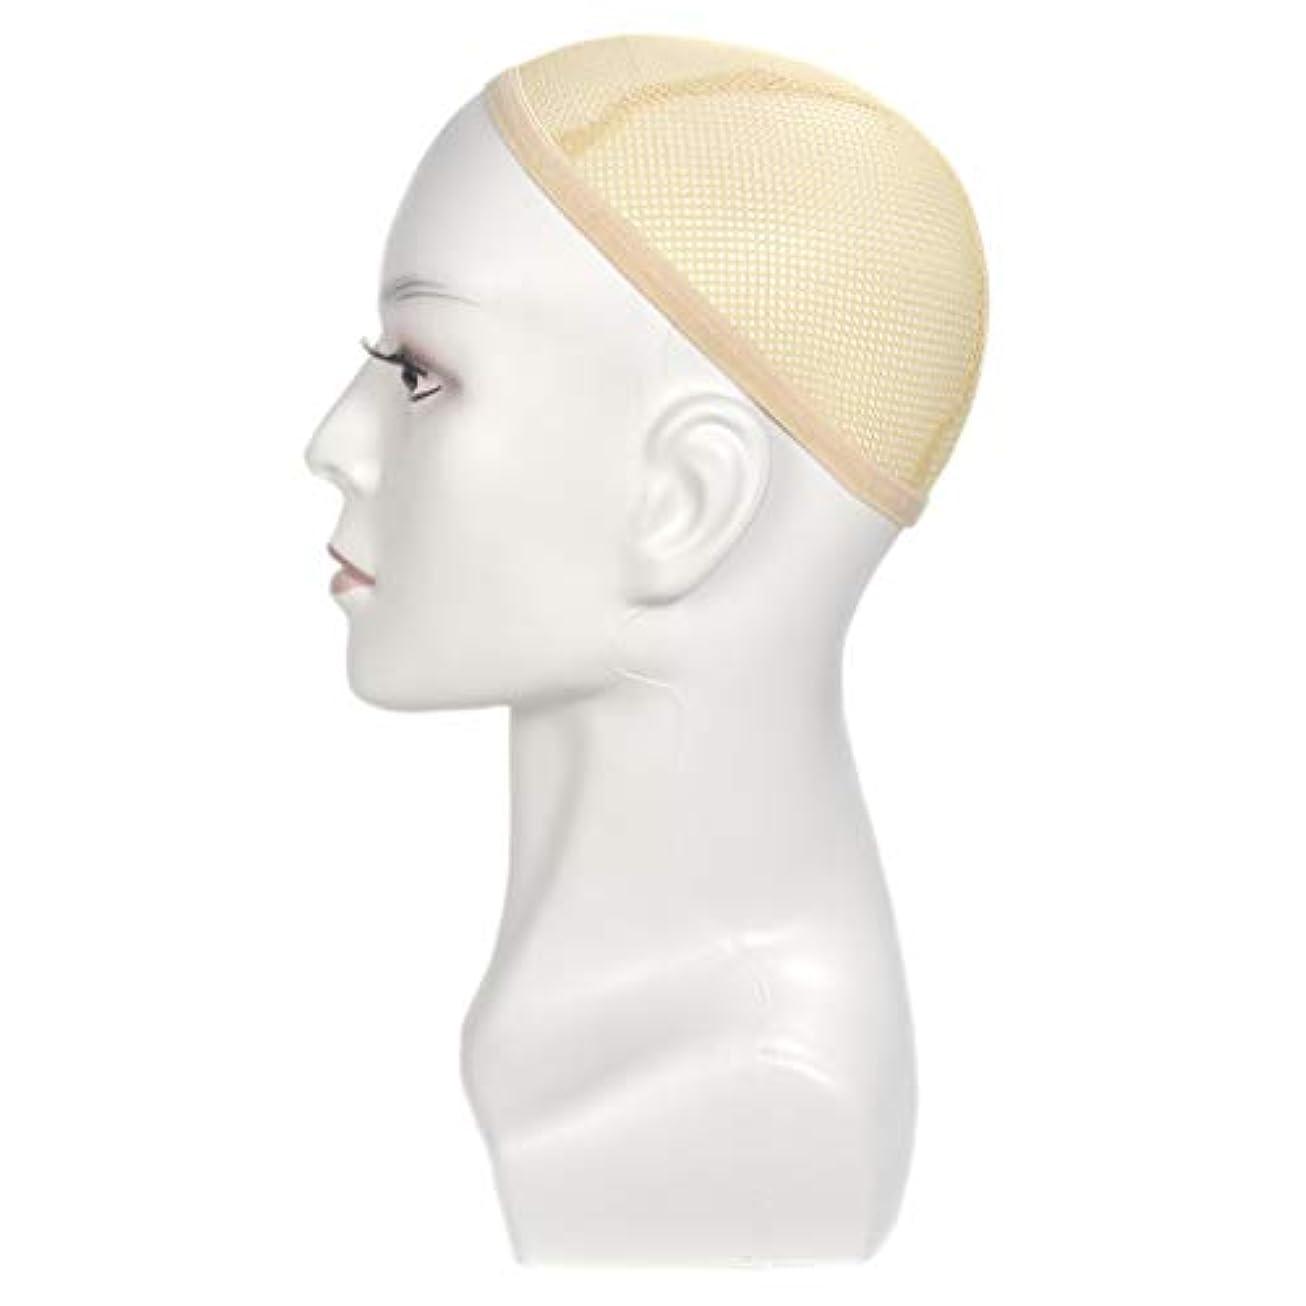 タヒチ適用する利用可能マネキンヘッド ディスプレイ メイクトレーニング 化粧 美容 店舗 自宅 サロン 全2色 - 白